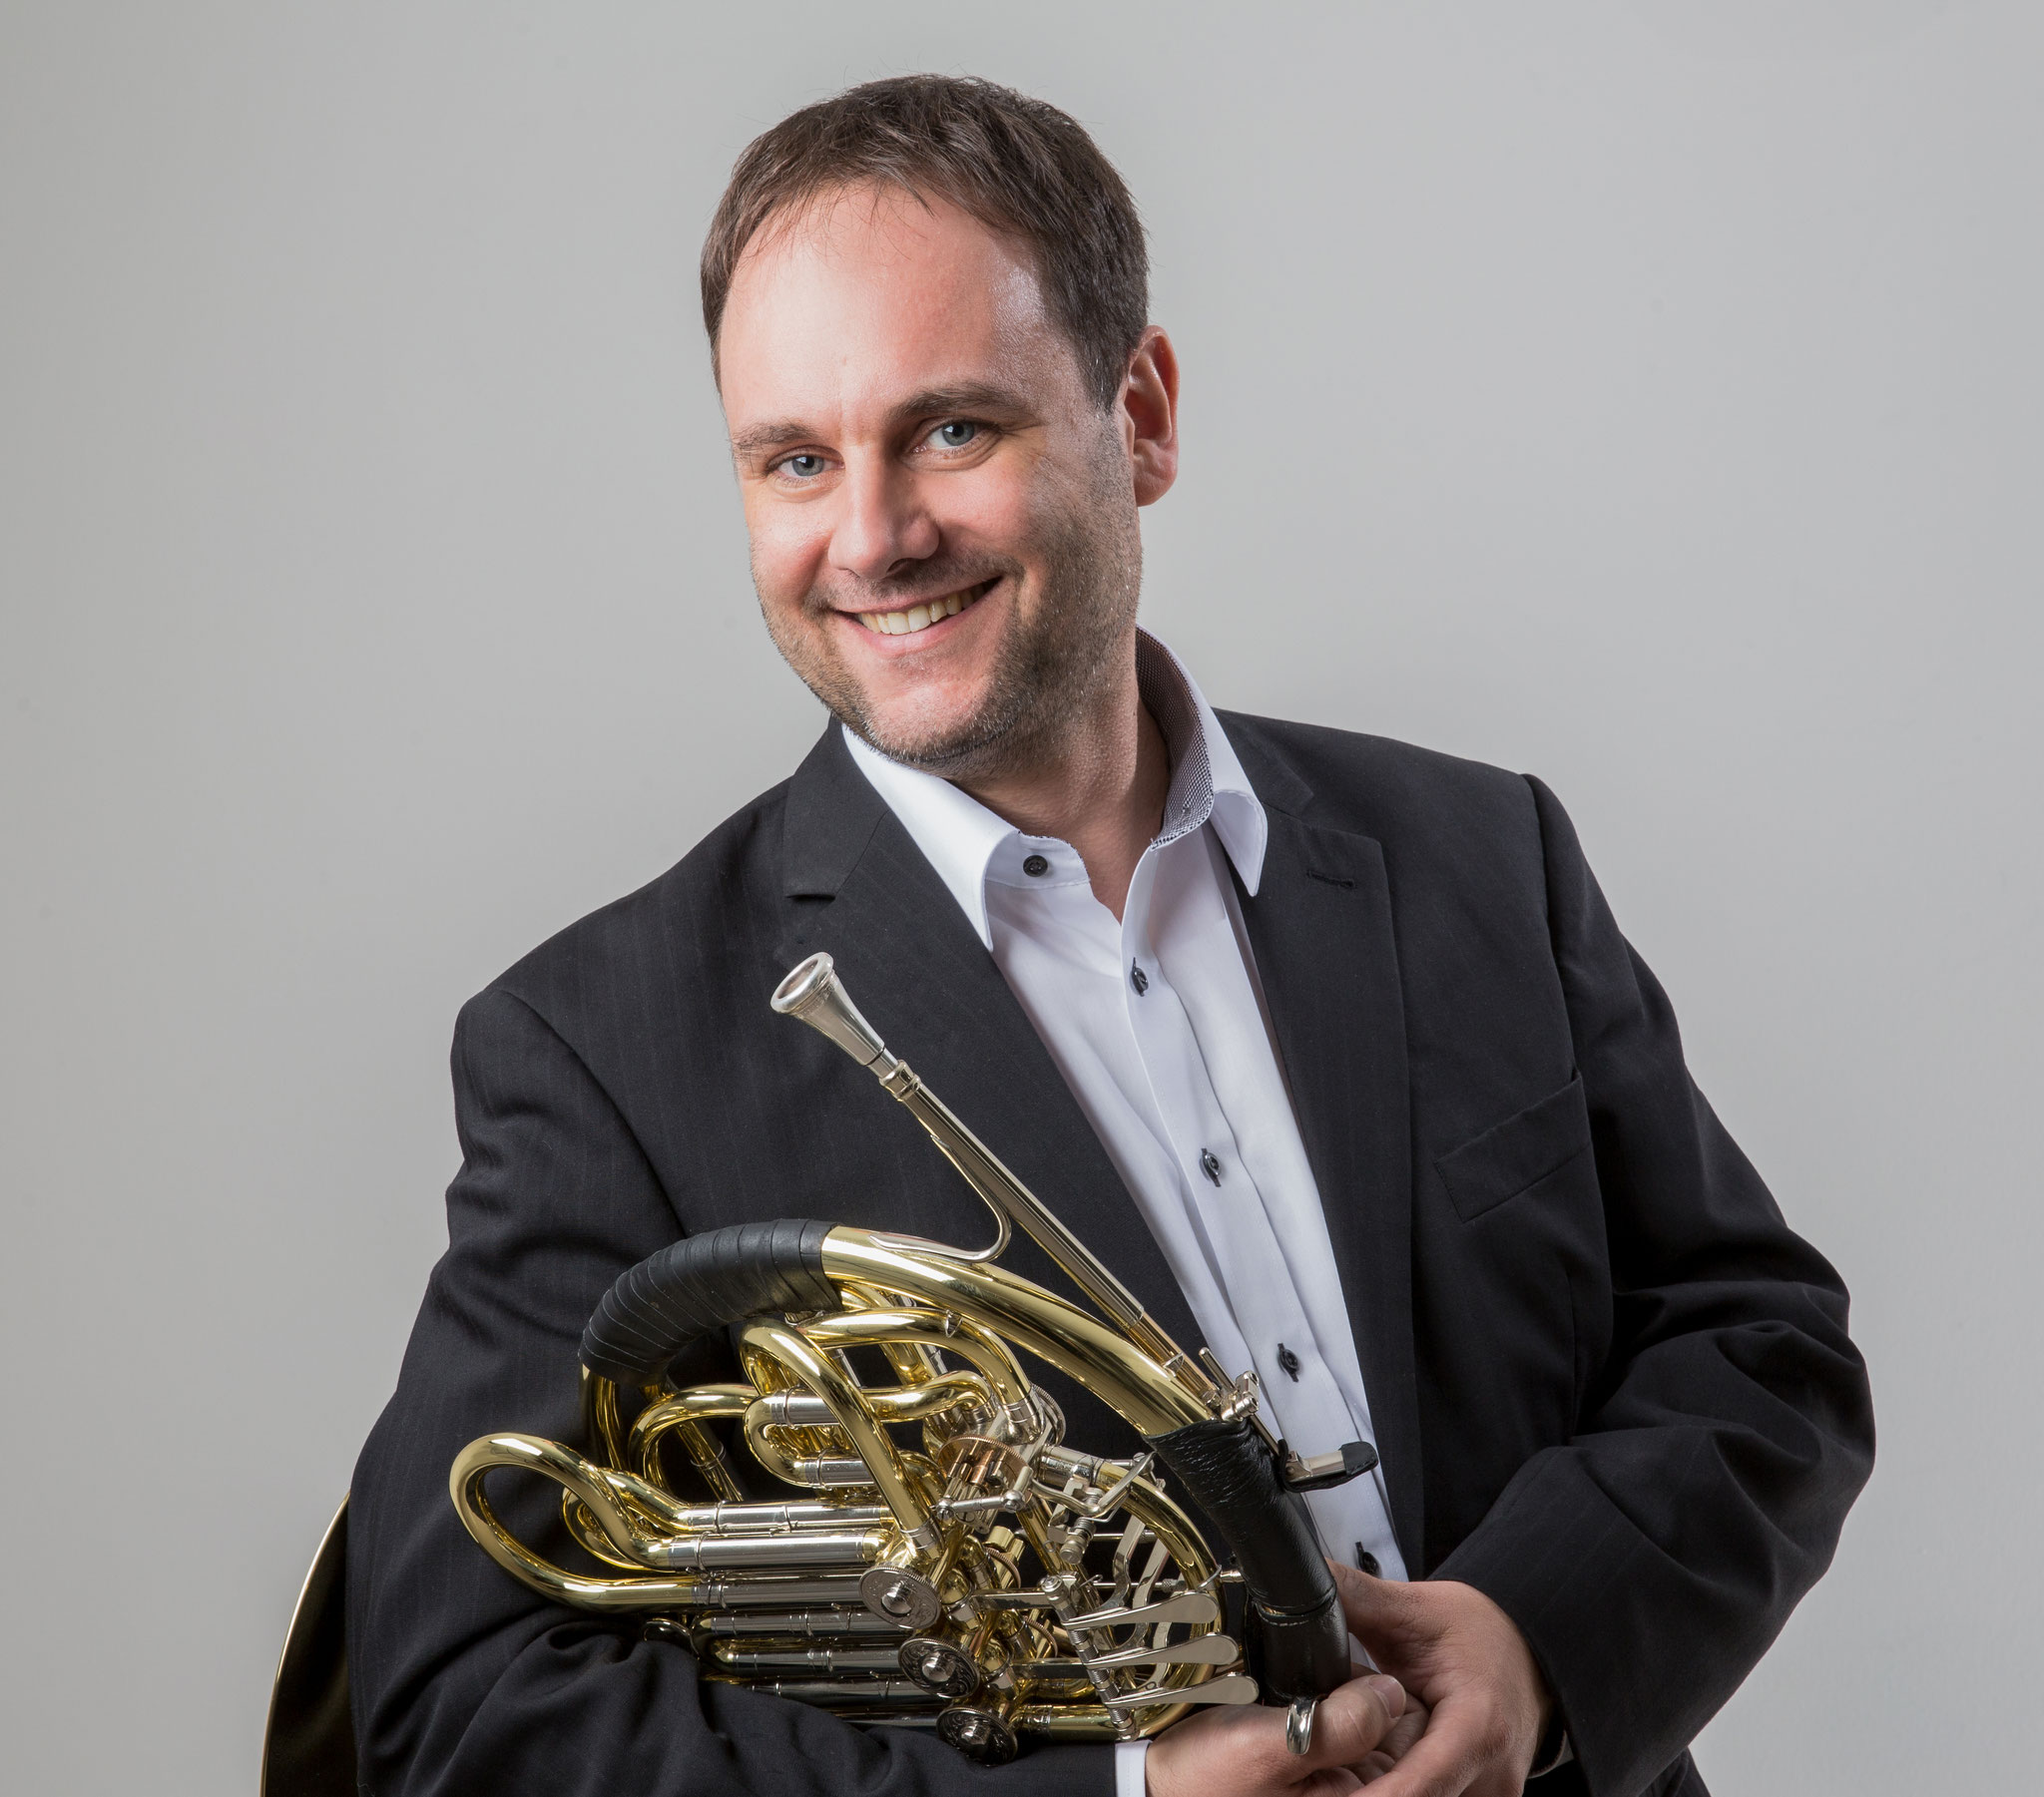 Sebastian Krügel